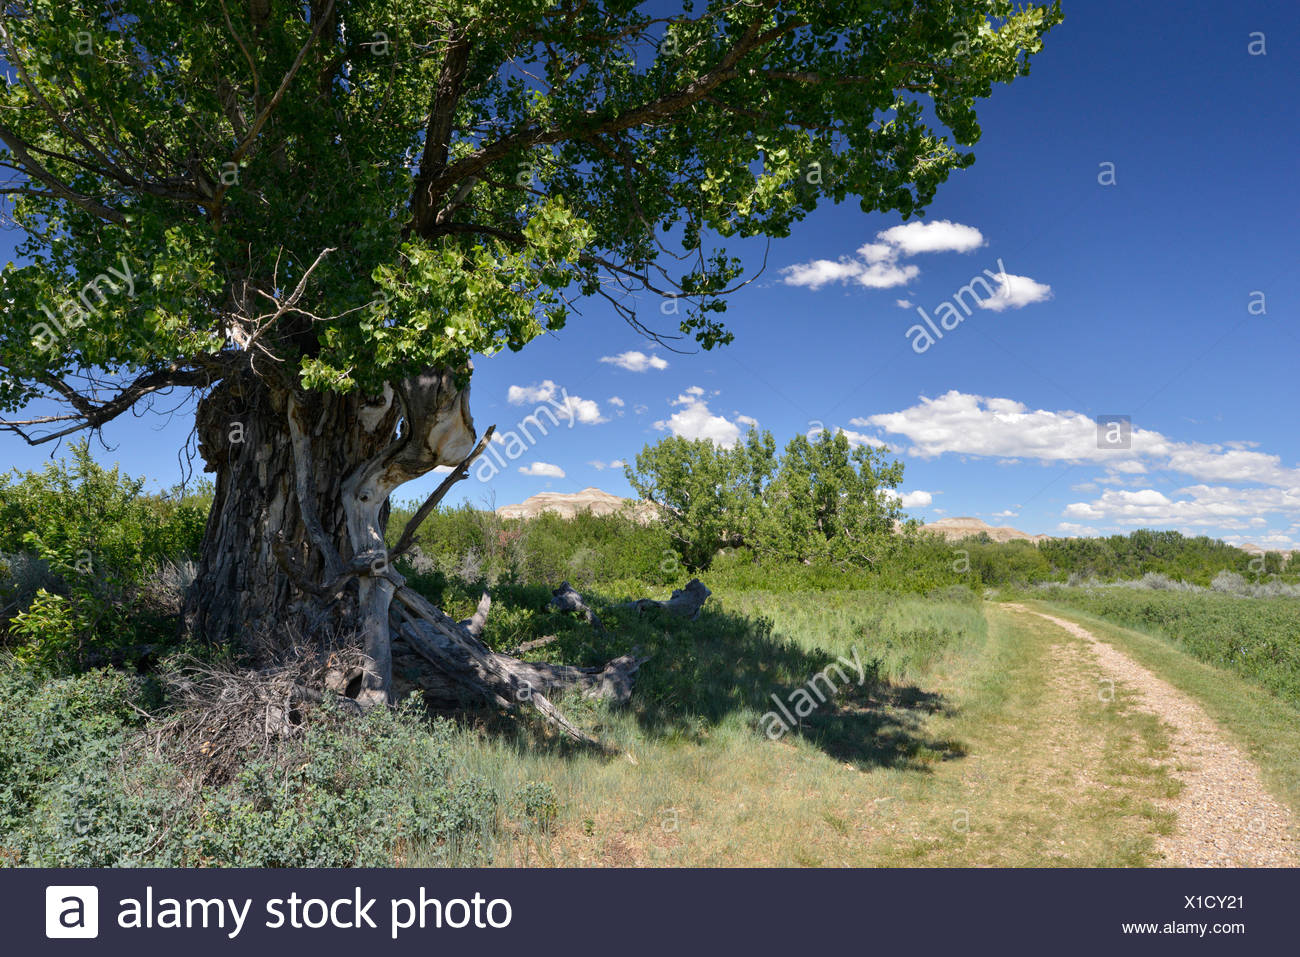 Arbre généalogique Cottonwood Populus - freemontii - les Badlands, le parc provincial Dinosaur, en Alberta, Canada Banque D'Images